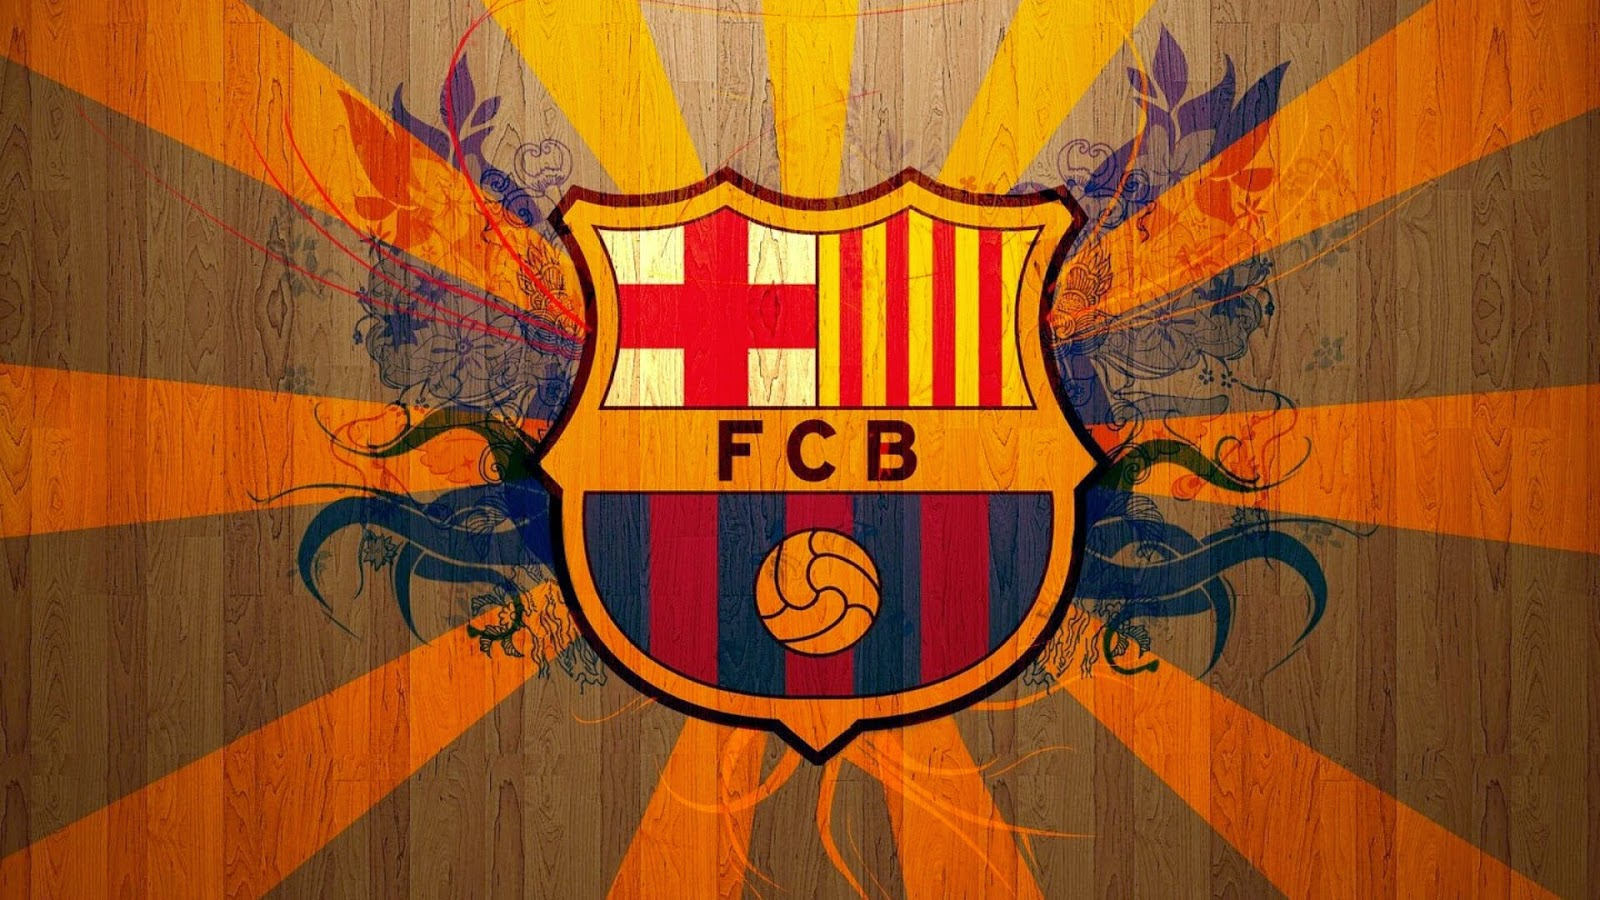 Fondos de pantalla del f tbol club barcelona wallpapers for Club de fumadores barcelona